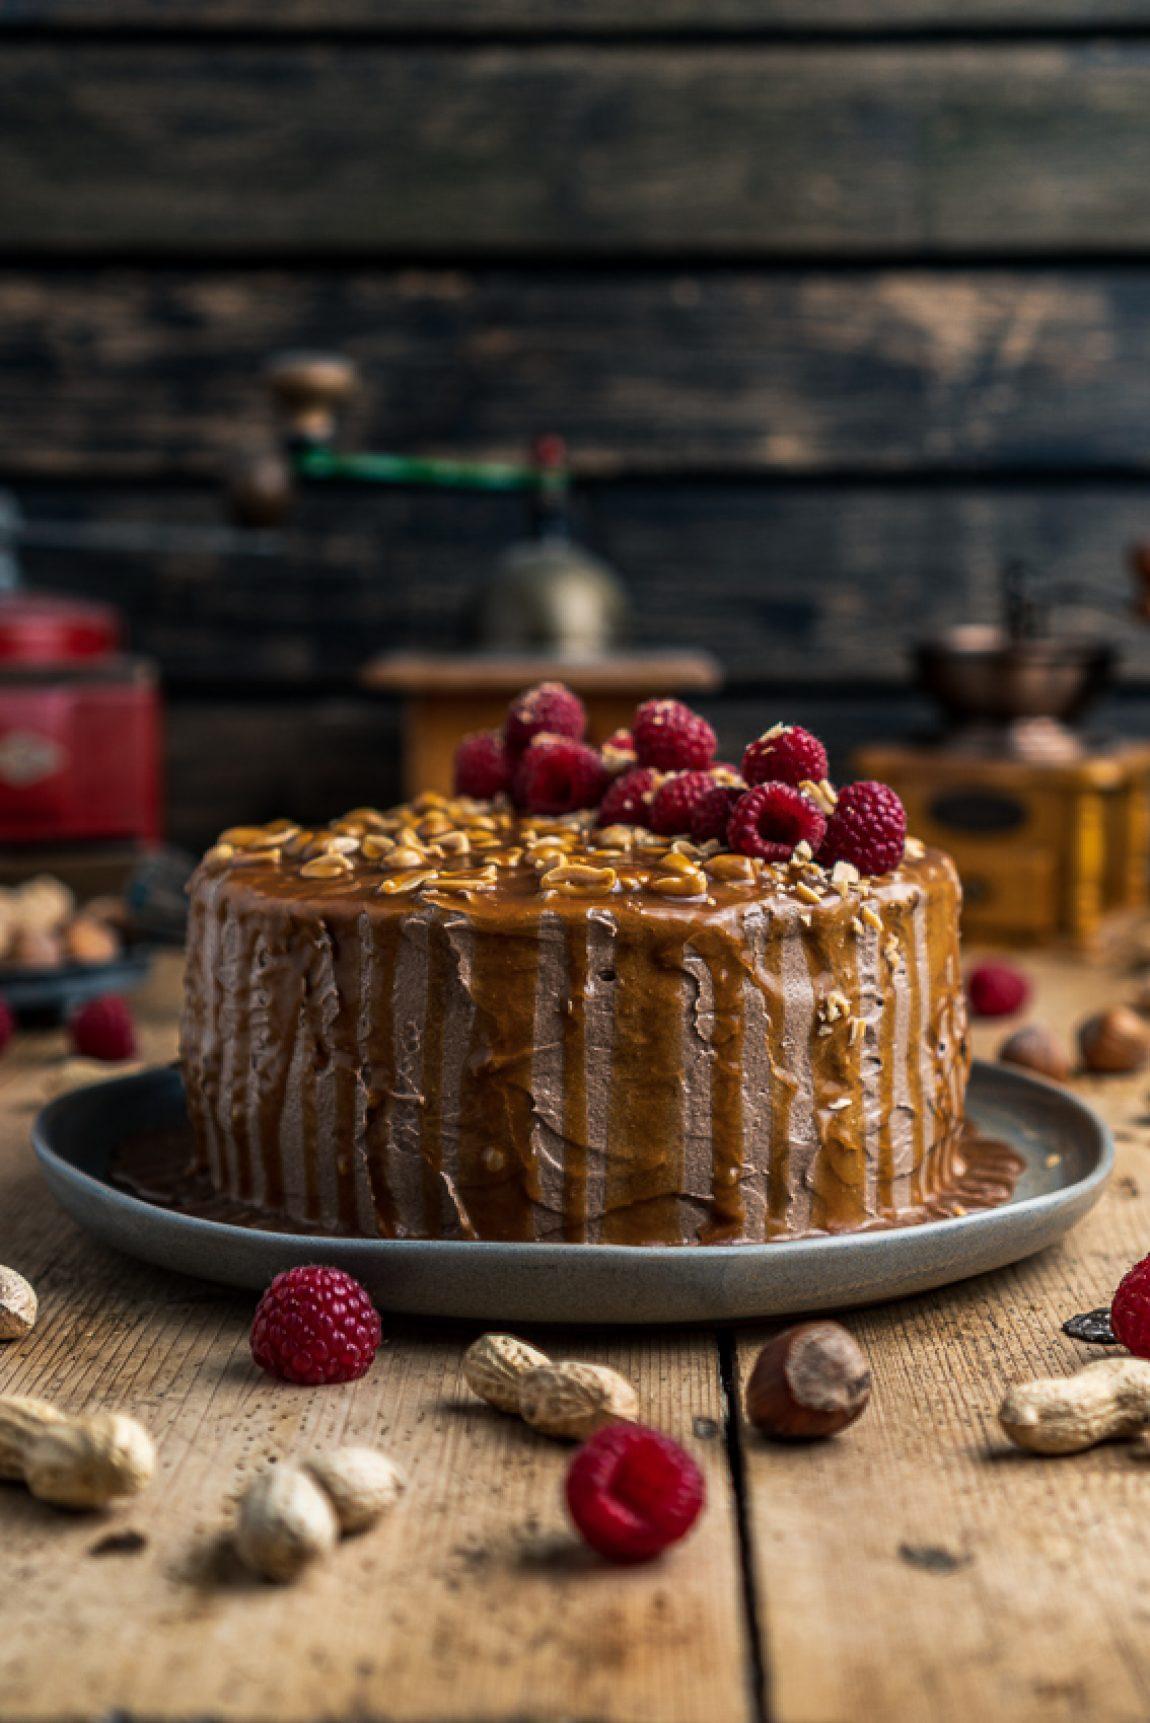 schoko-erdnuss-torte-mit-himbeeren-007